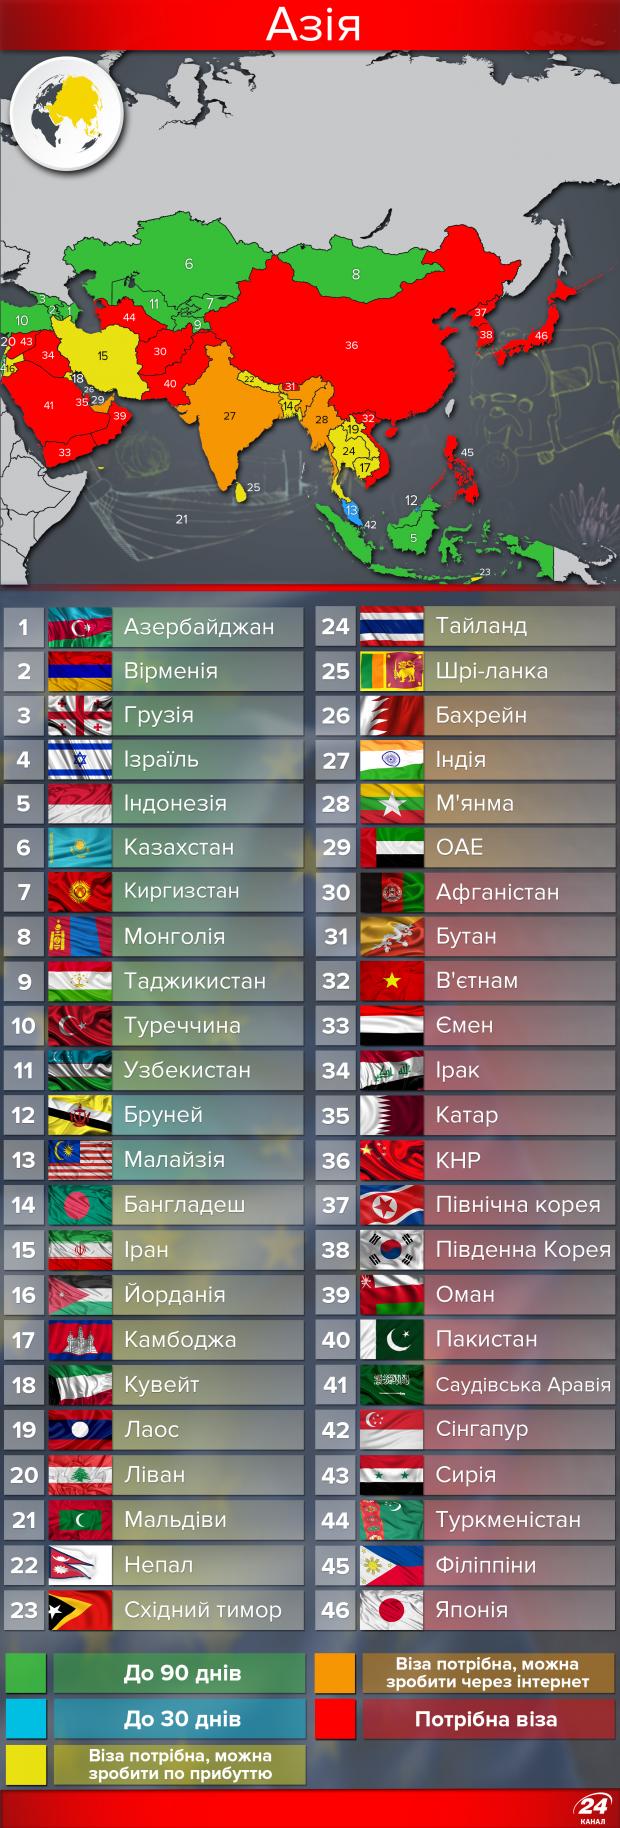 В Азии достаточно стран, где можно сделать визу на месте